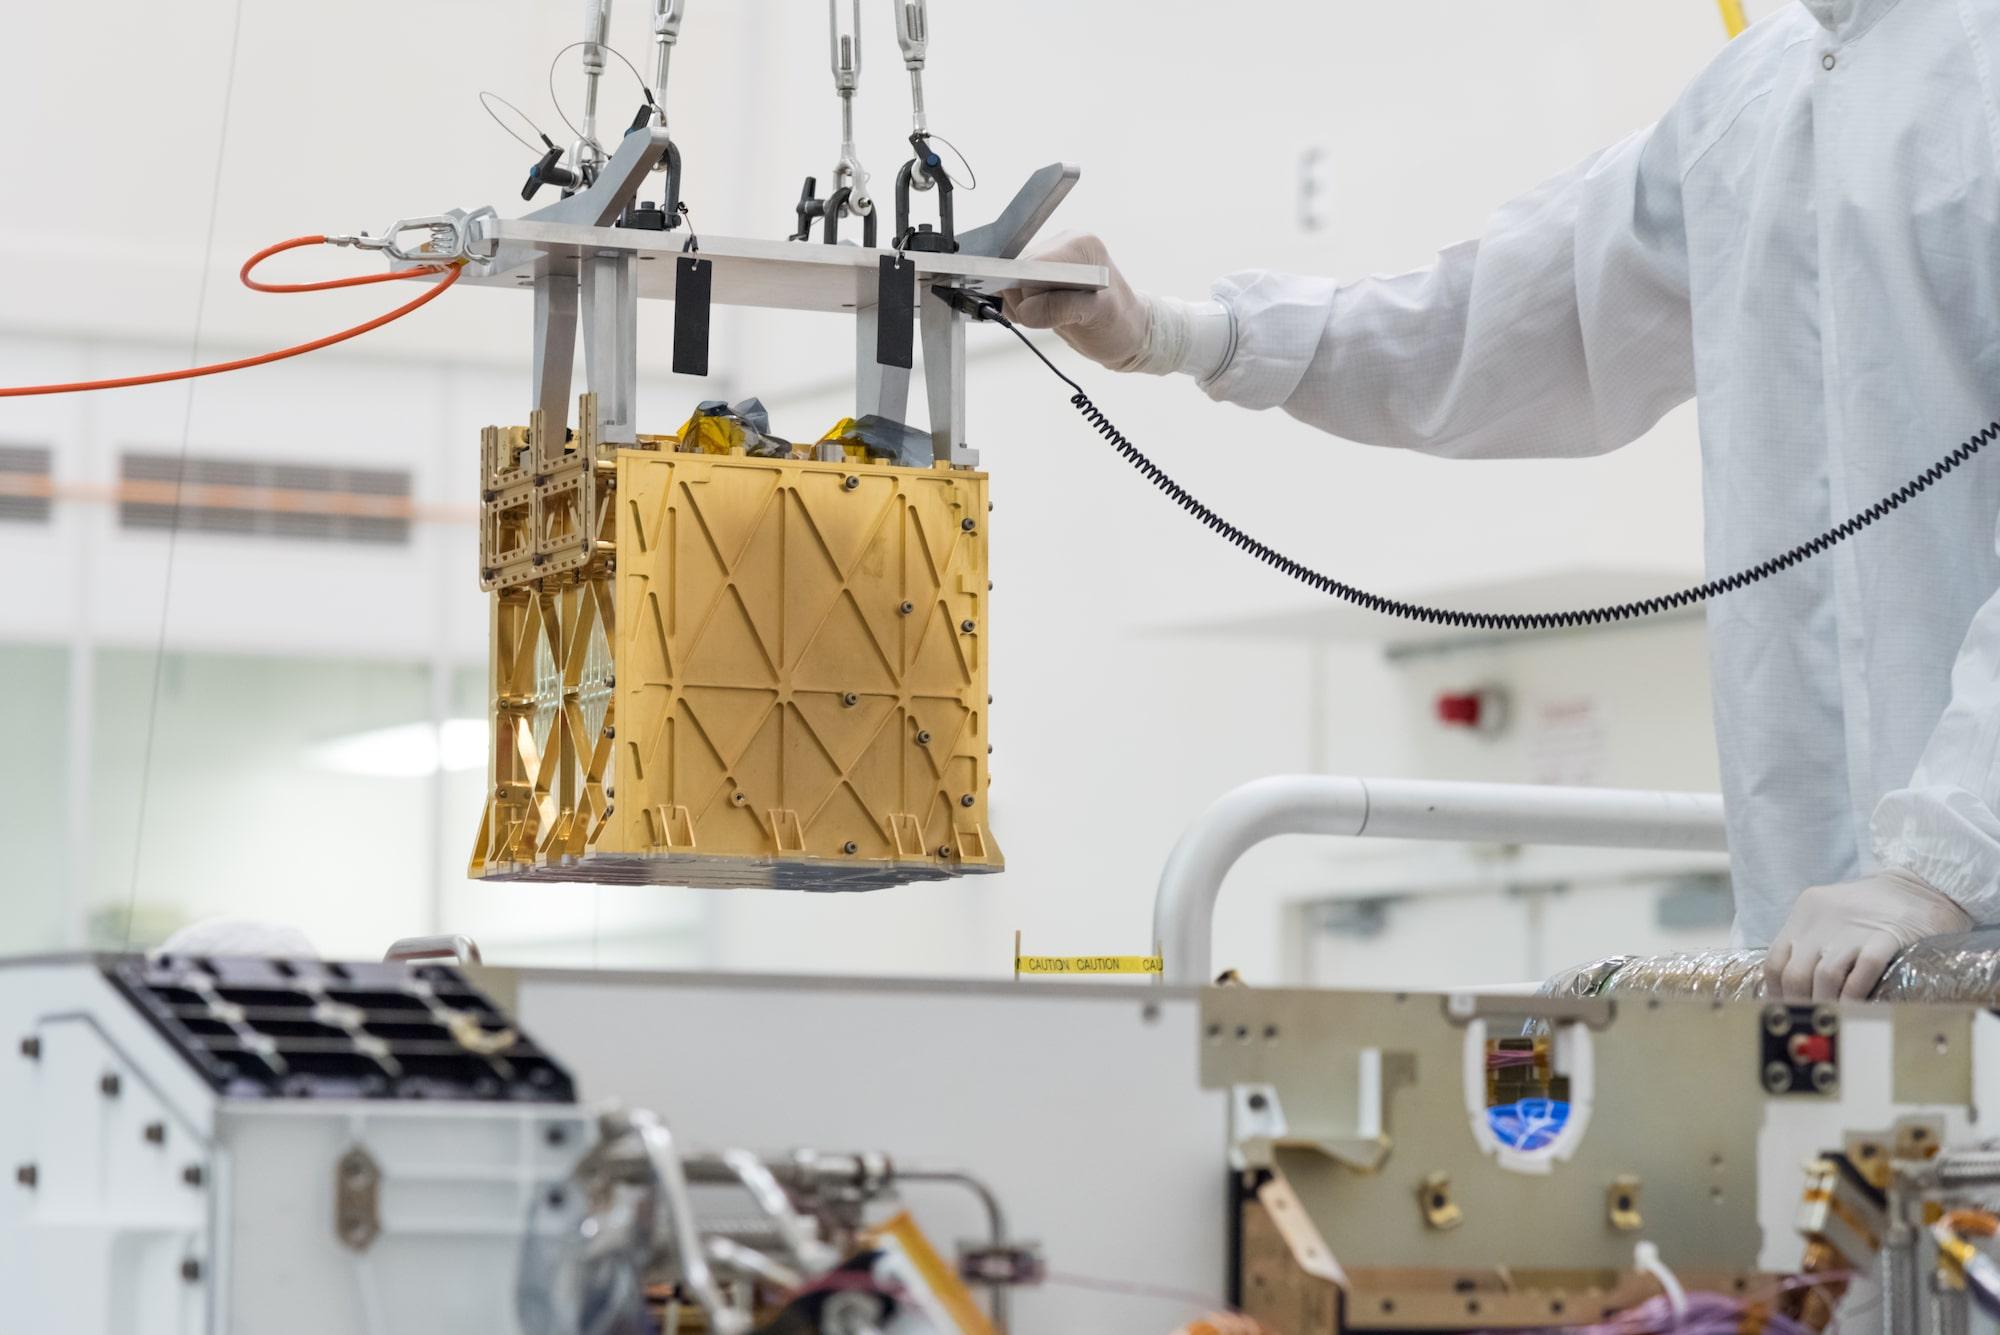 Instalování zařízení MOXIE do roveru Perseverance. Foto: NASA